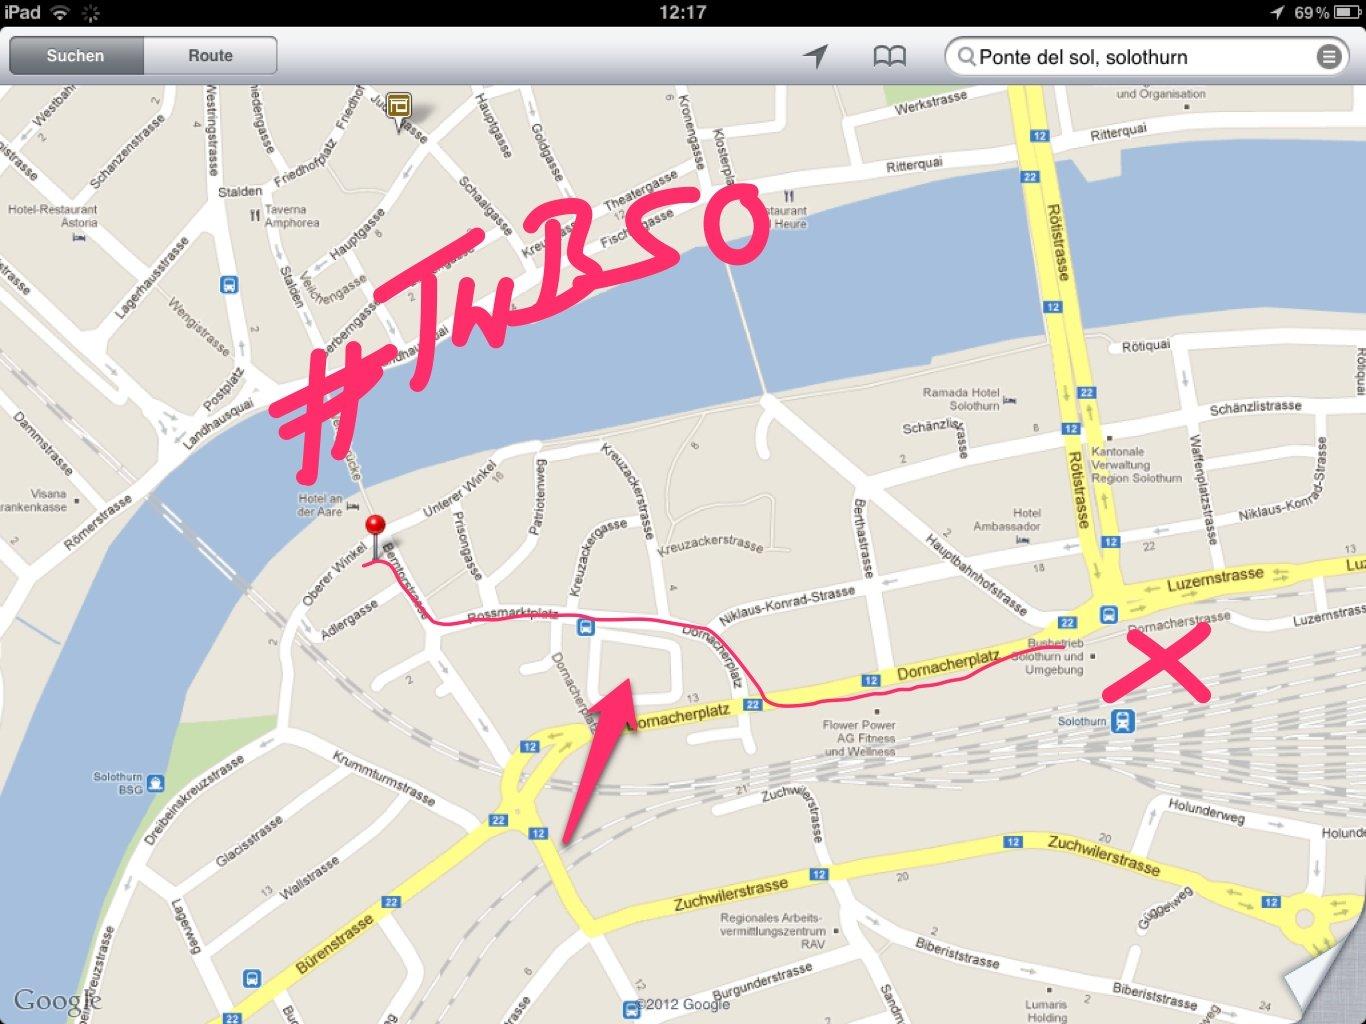 #TwBSO im Schaltjahr 29.02.2012